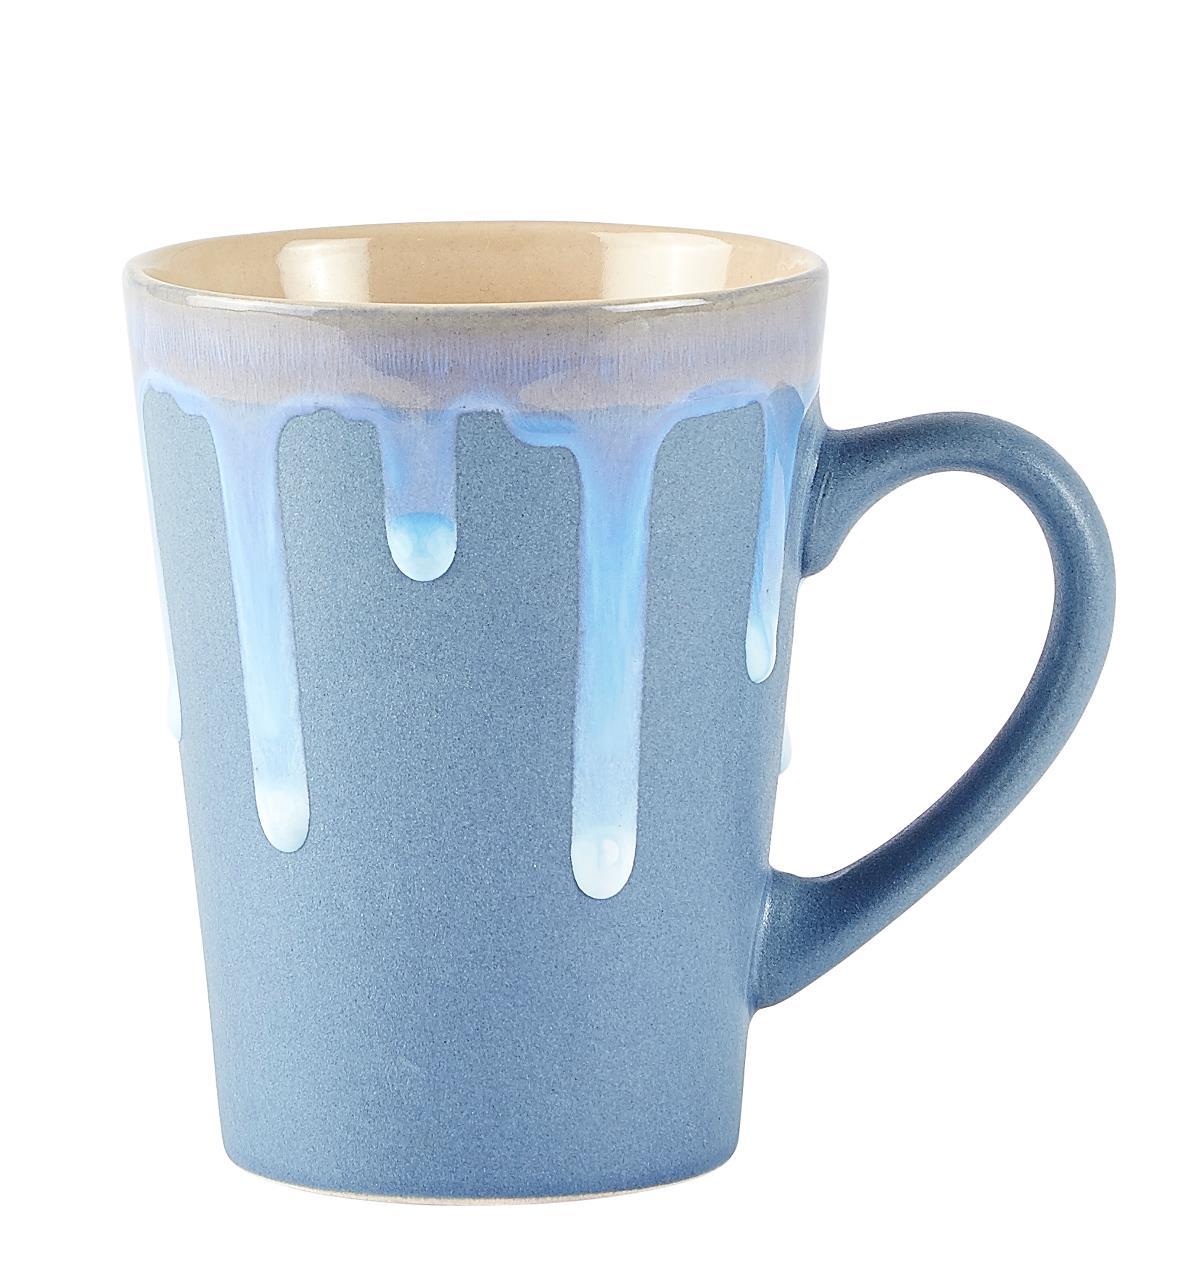 Cana KJ Blue, 300 ml, 271930